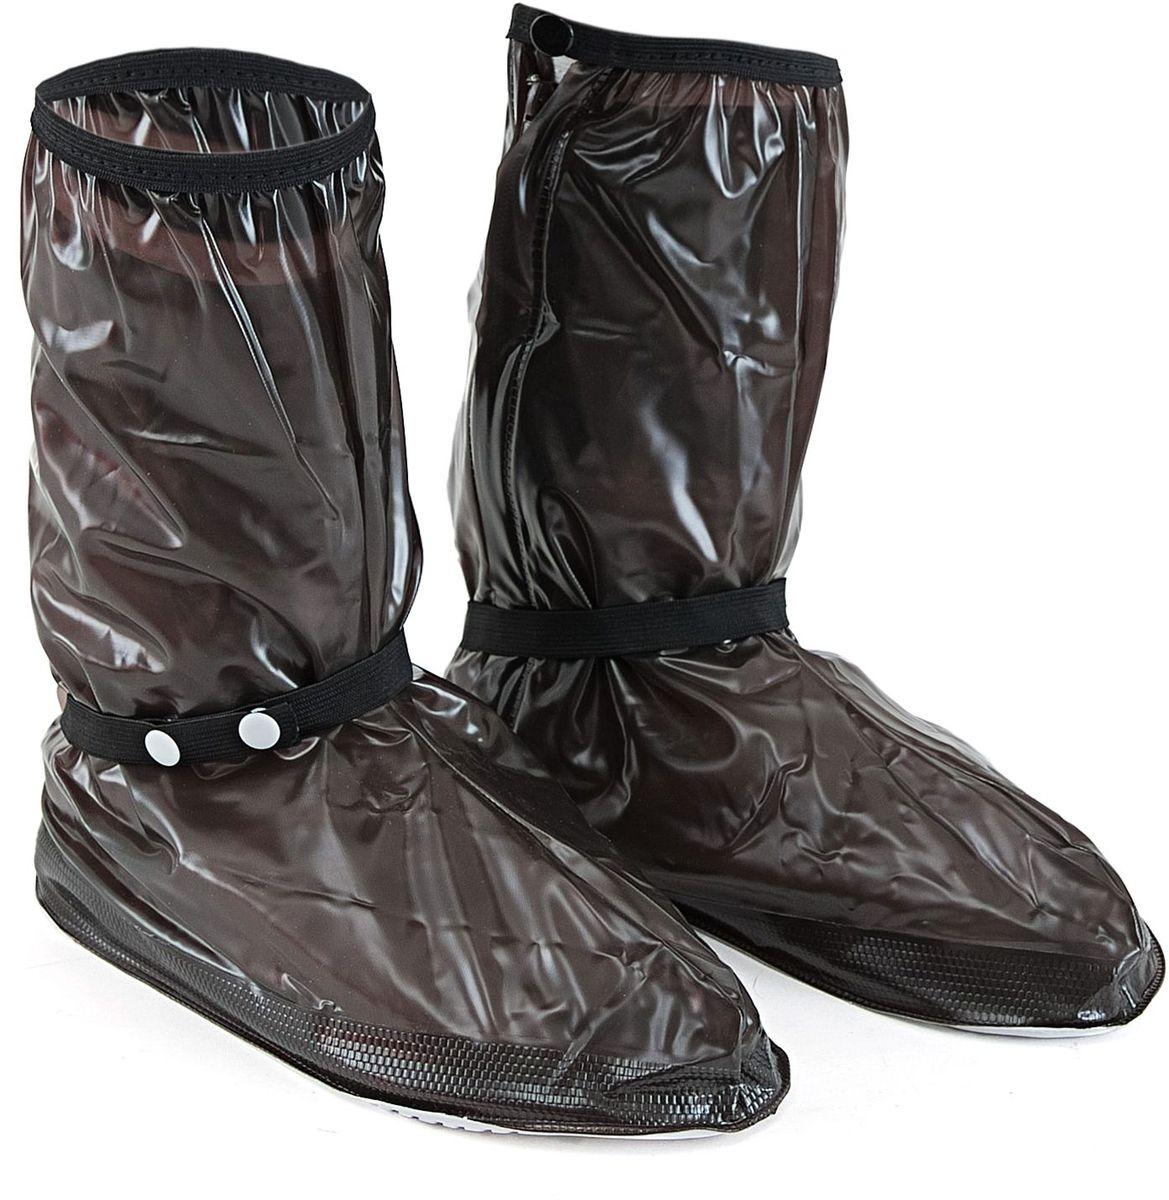 Дождевик для сапог Homsu, цвет: черный. Размер XL (42/44)R-131Дожевики для сапог выполнены из прочного водонепроницаемого материала, застегиваются на молнию. Благодаря этим дождевикам ваша обувь будет сухой и чистой в любую погоду! Размер изделия: 28,5х13см